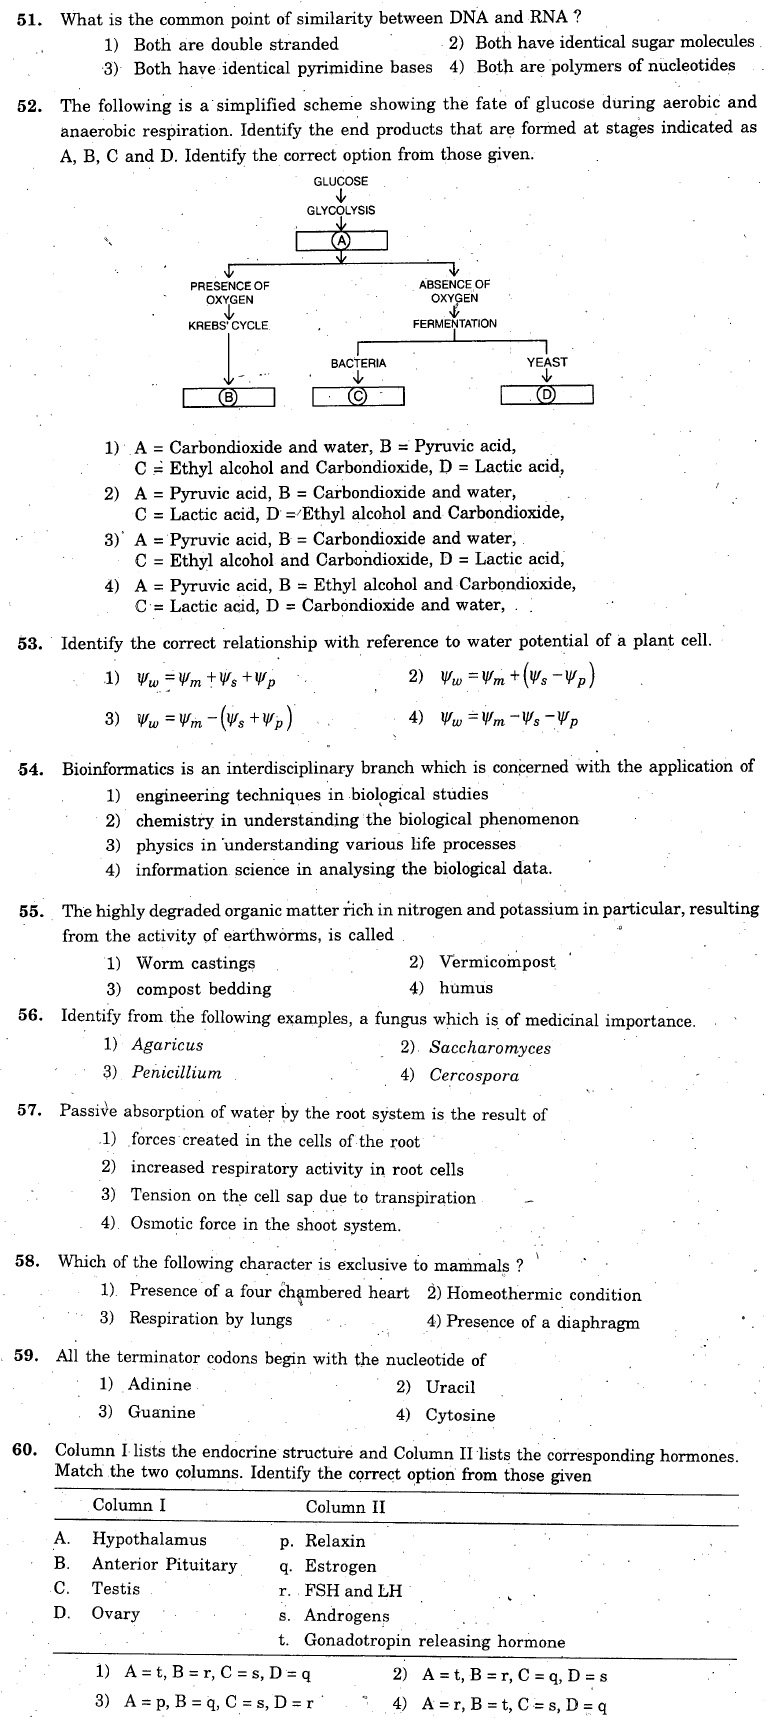 KCET 2006 Question Paper - Biology